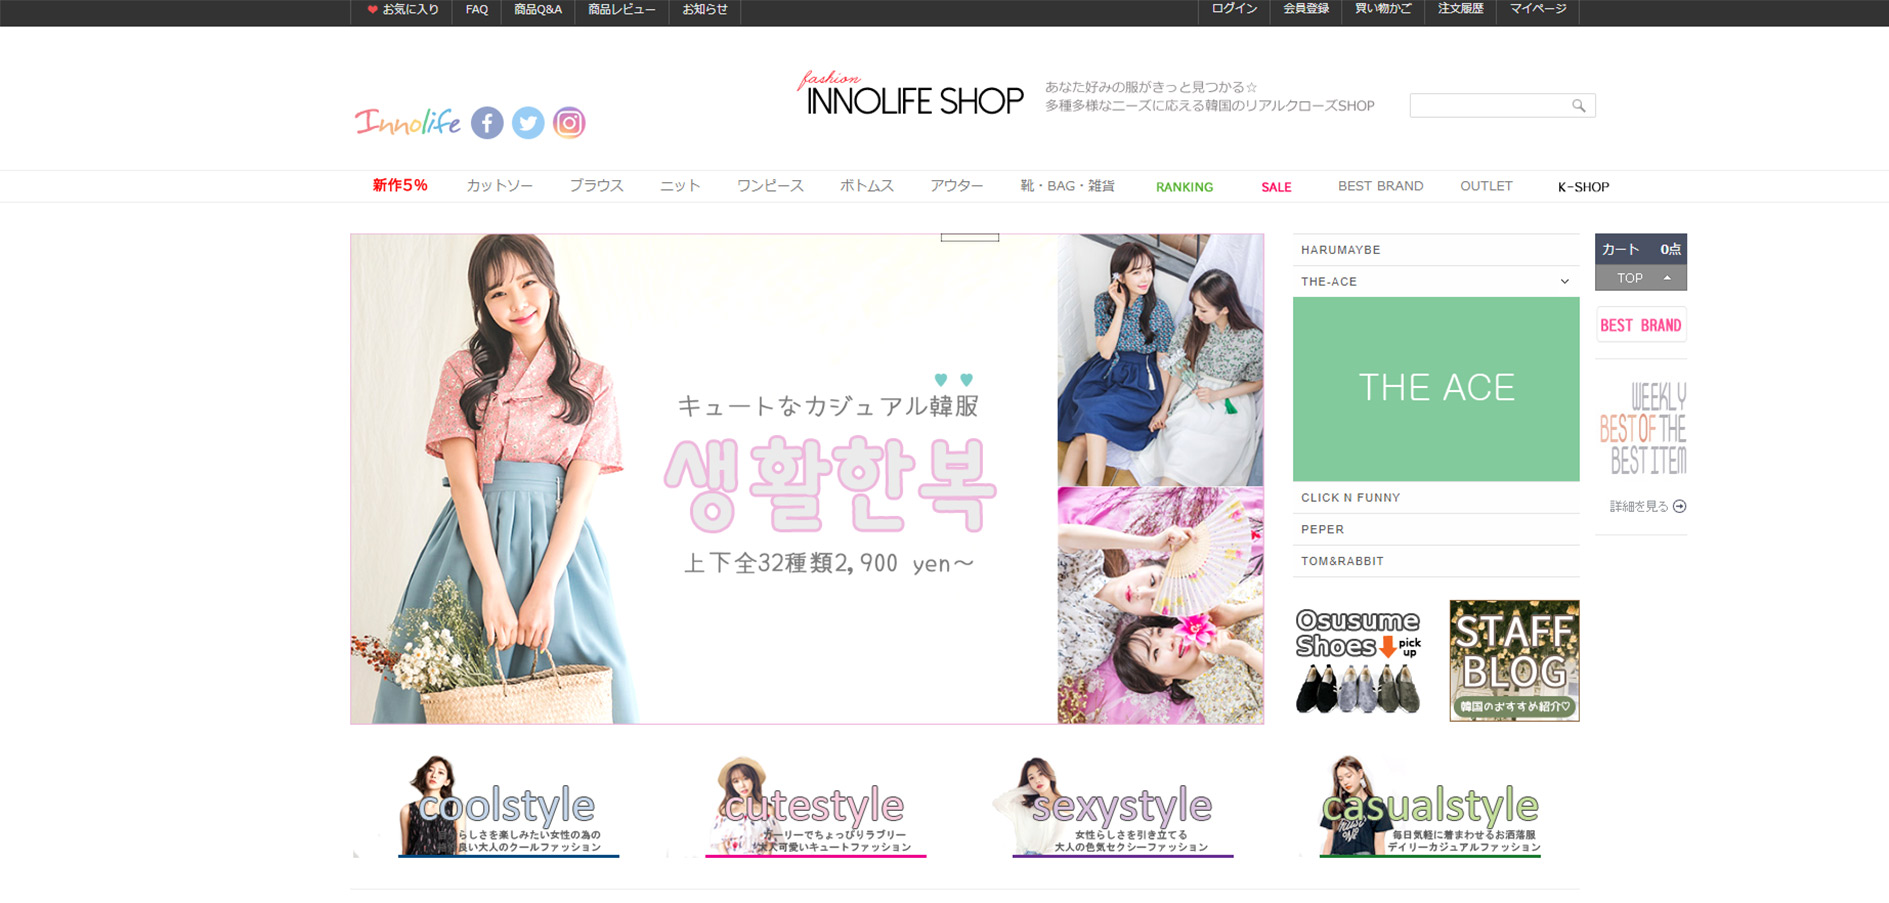 30代におすすめな韓国ファッション通販サイトのinnolifeshop(イノライフショップ)